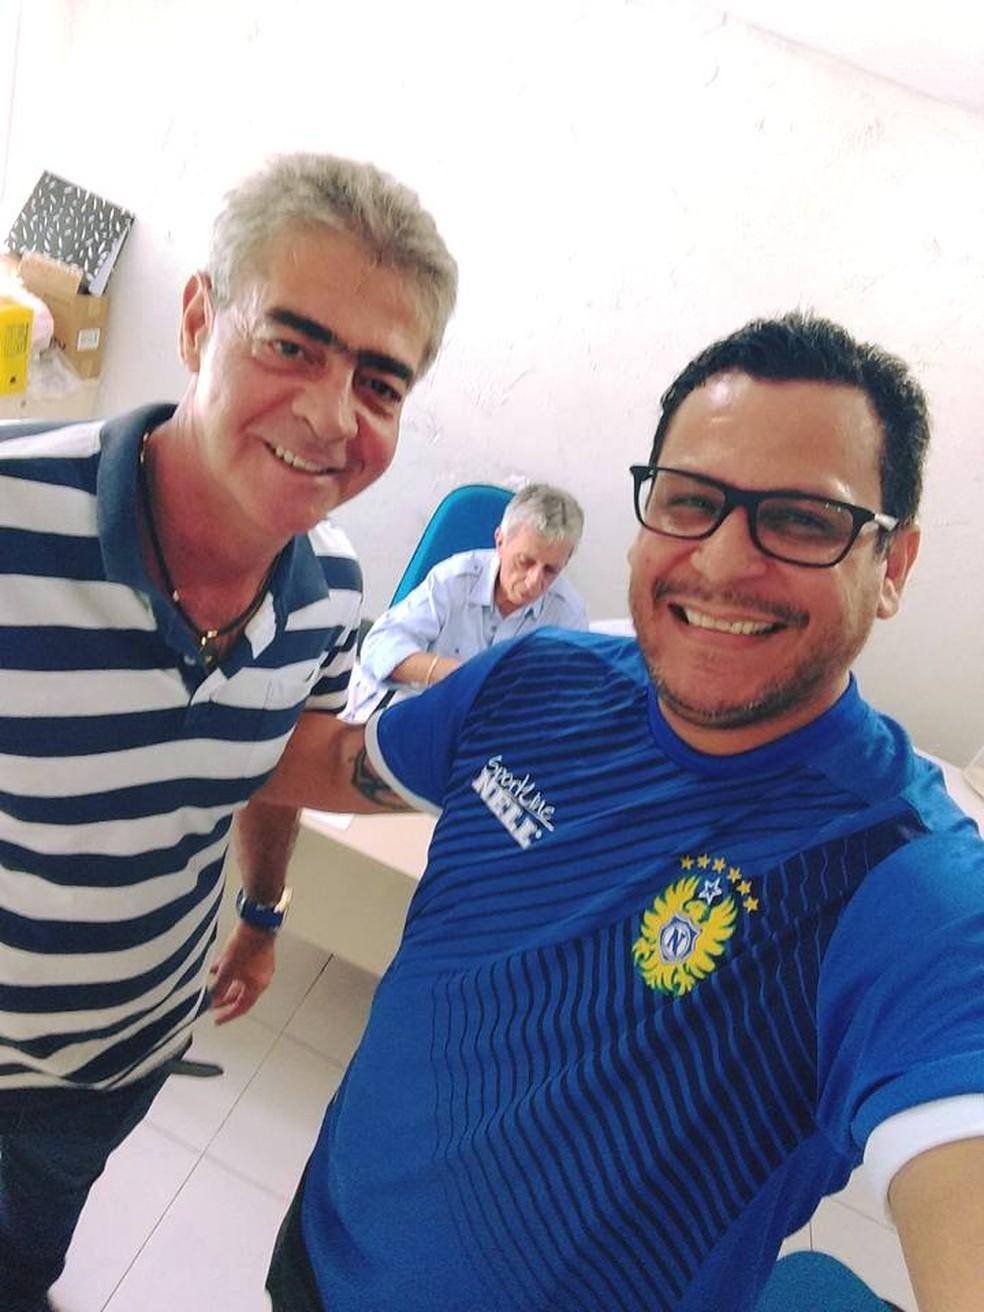 Chicão ao lado do presidente Roberto Peggy (Foto: Reprodução/Arquivo pessoal)